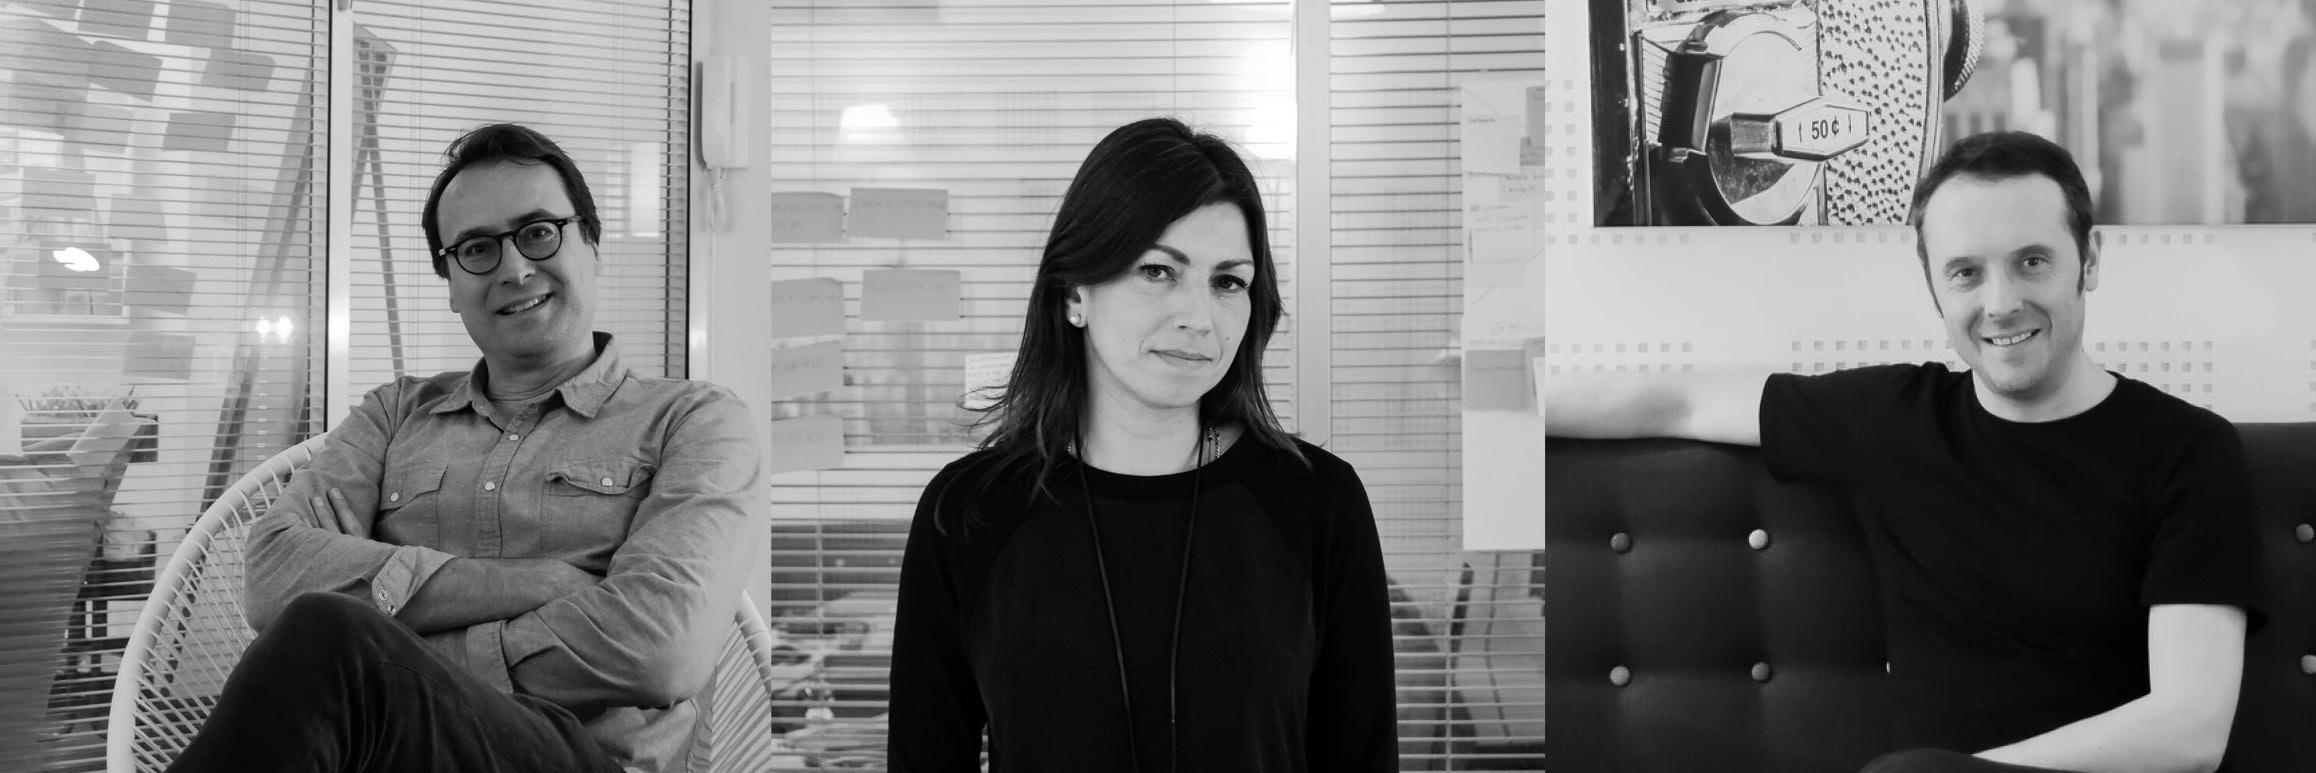 Portrait d'entrepreneurs : Yasmine Kouchnir, Maxime Kouchnir et Jean Barnezet, co-fondateurs de Fastlane Education